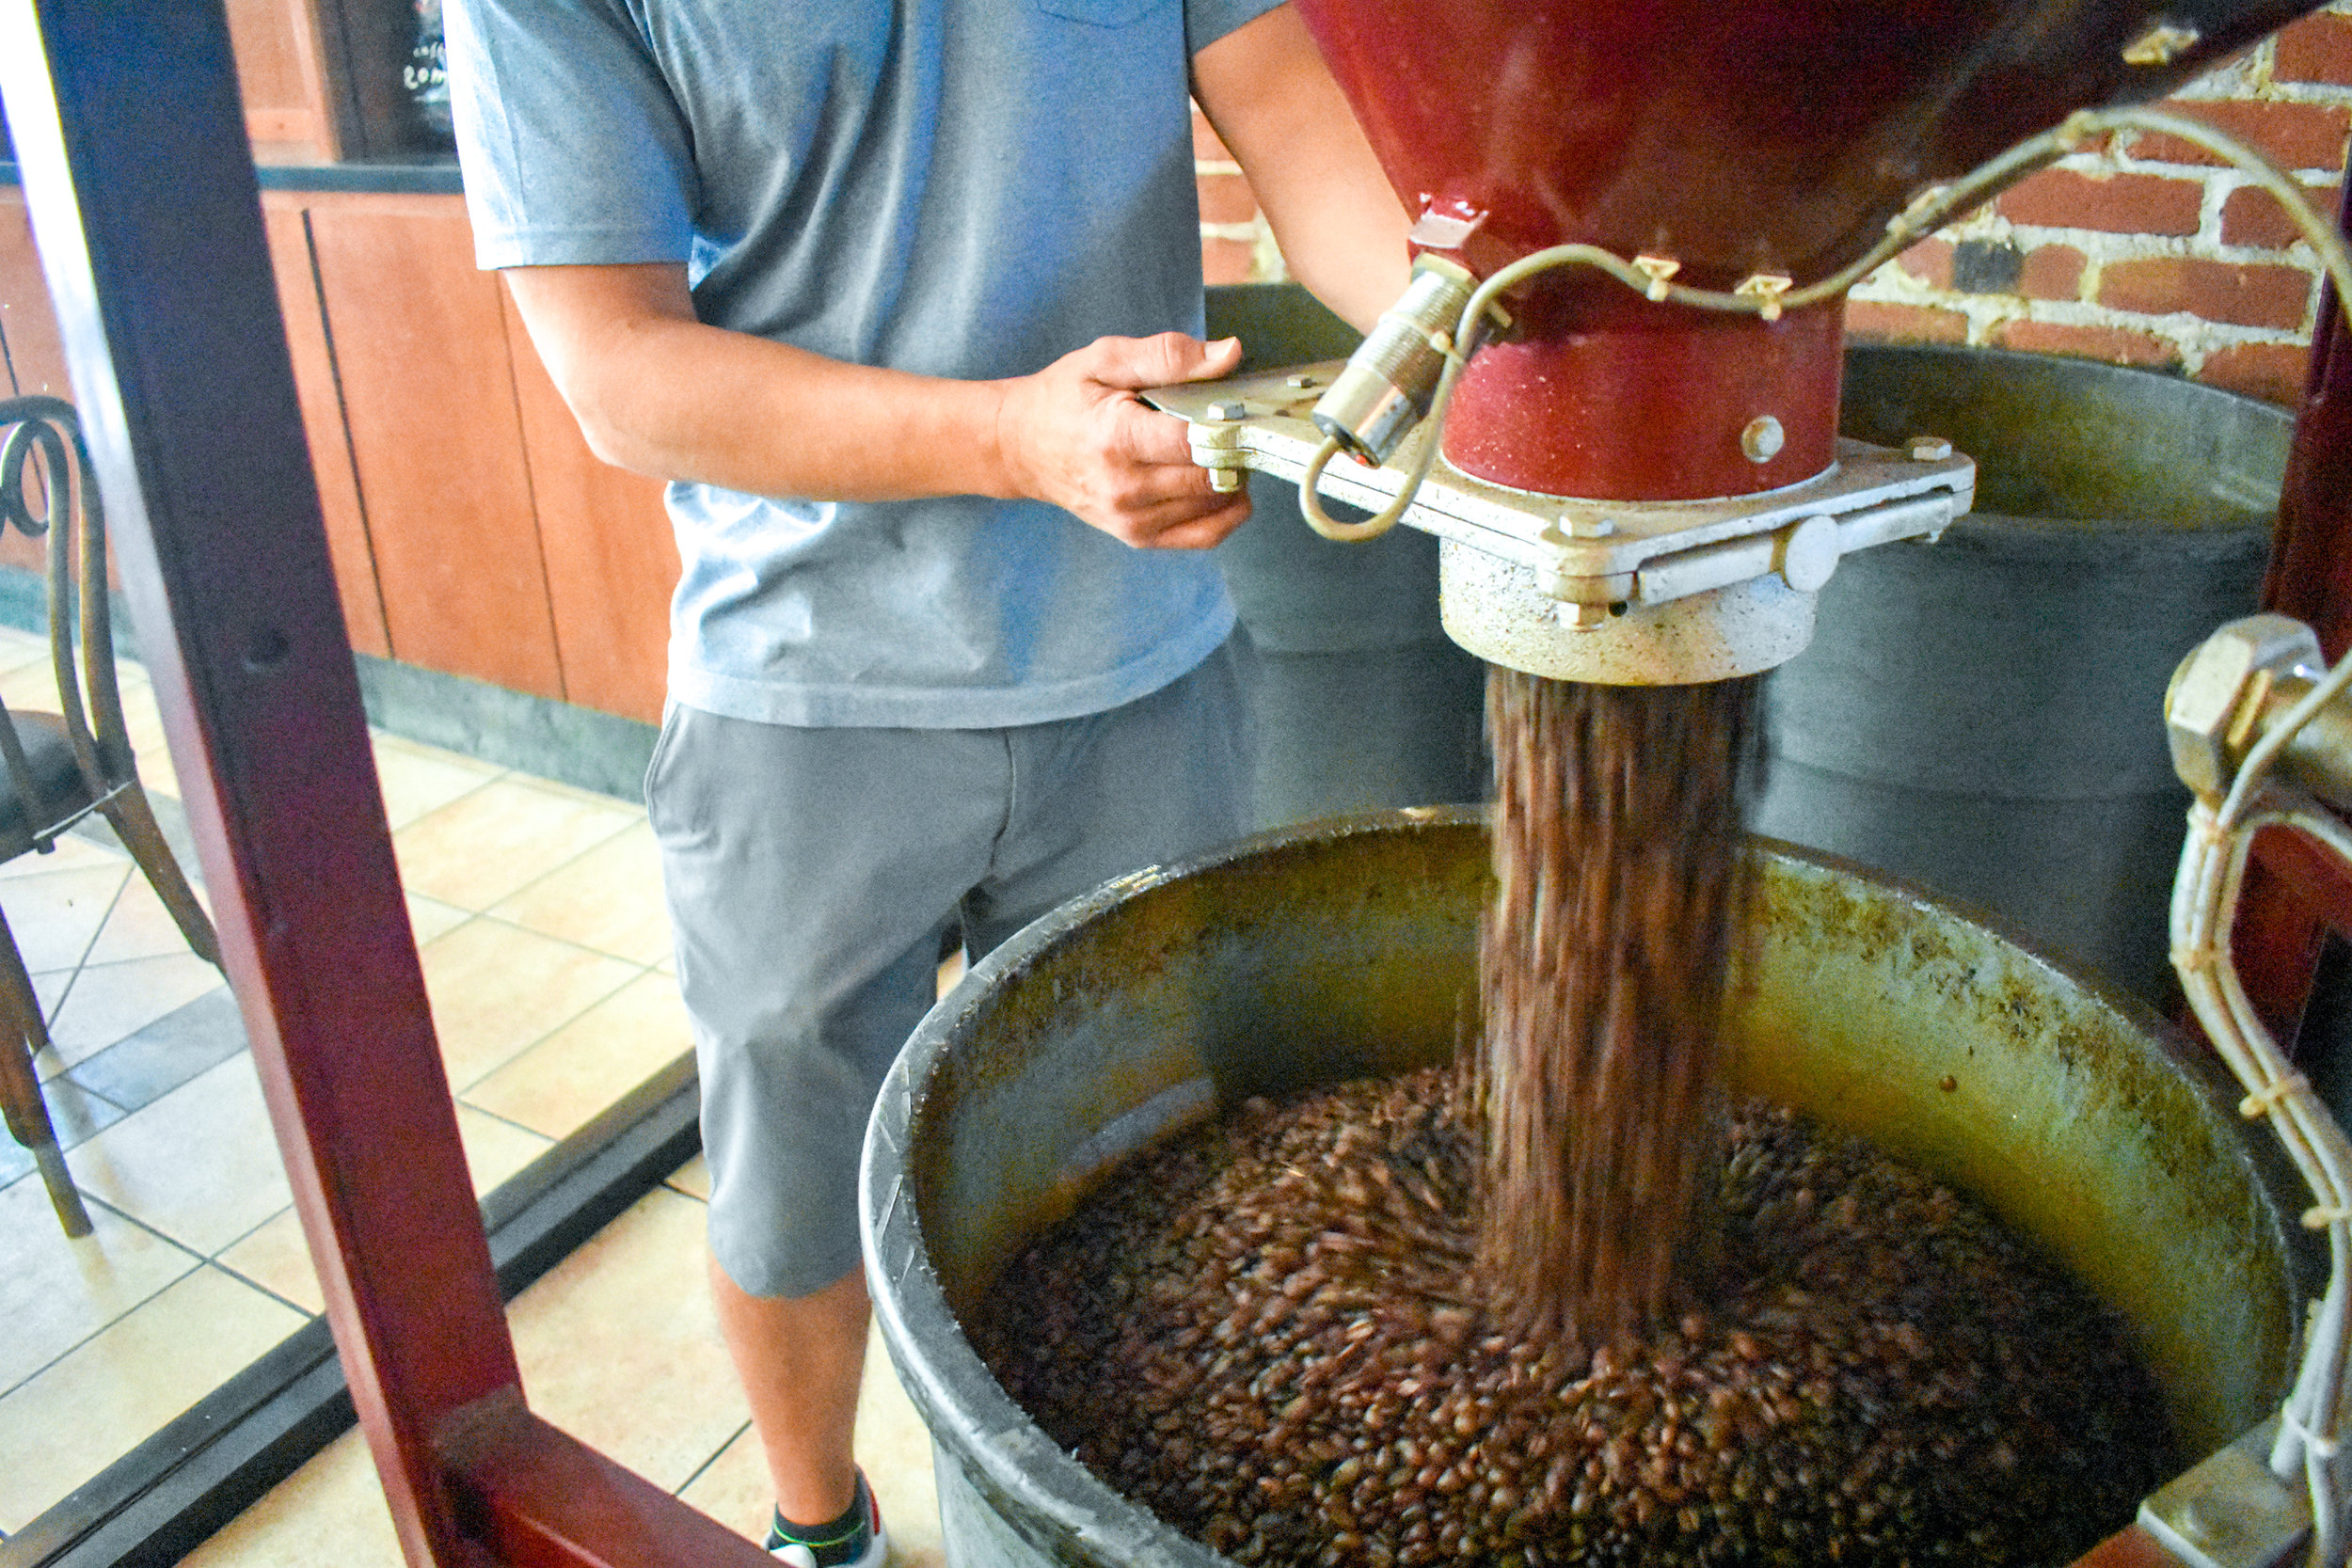 CaffeRomaSOMA-0098.jpg